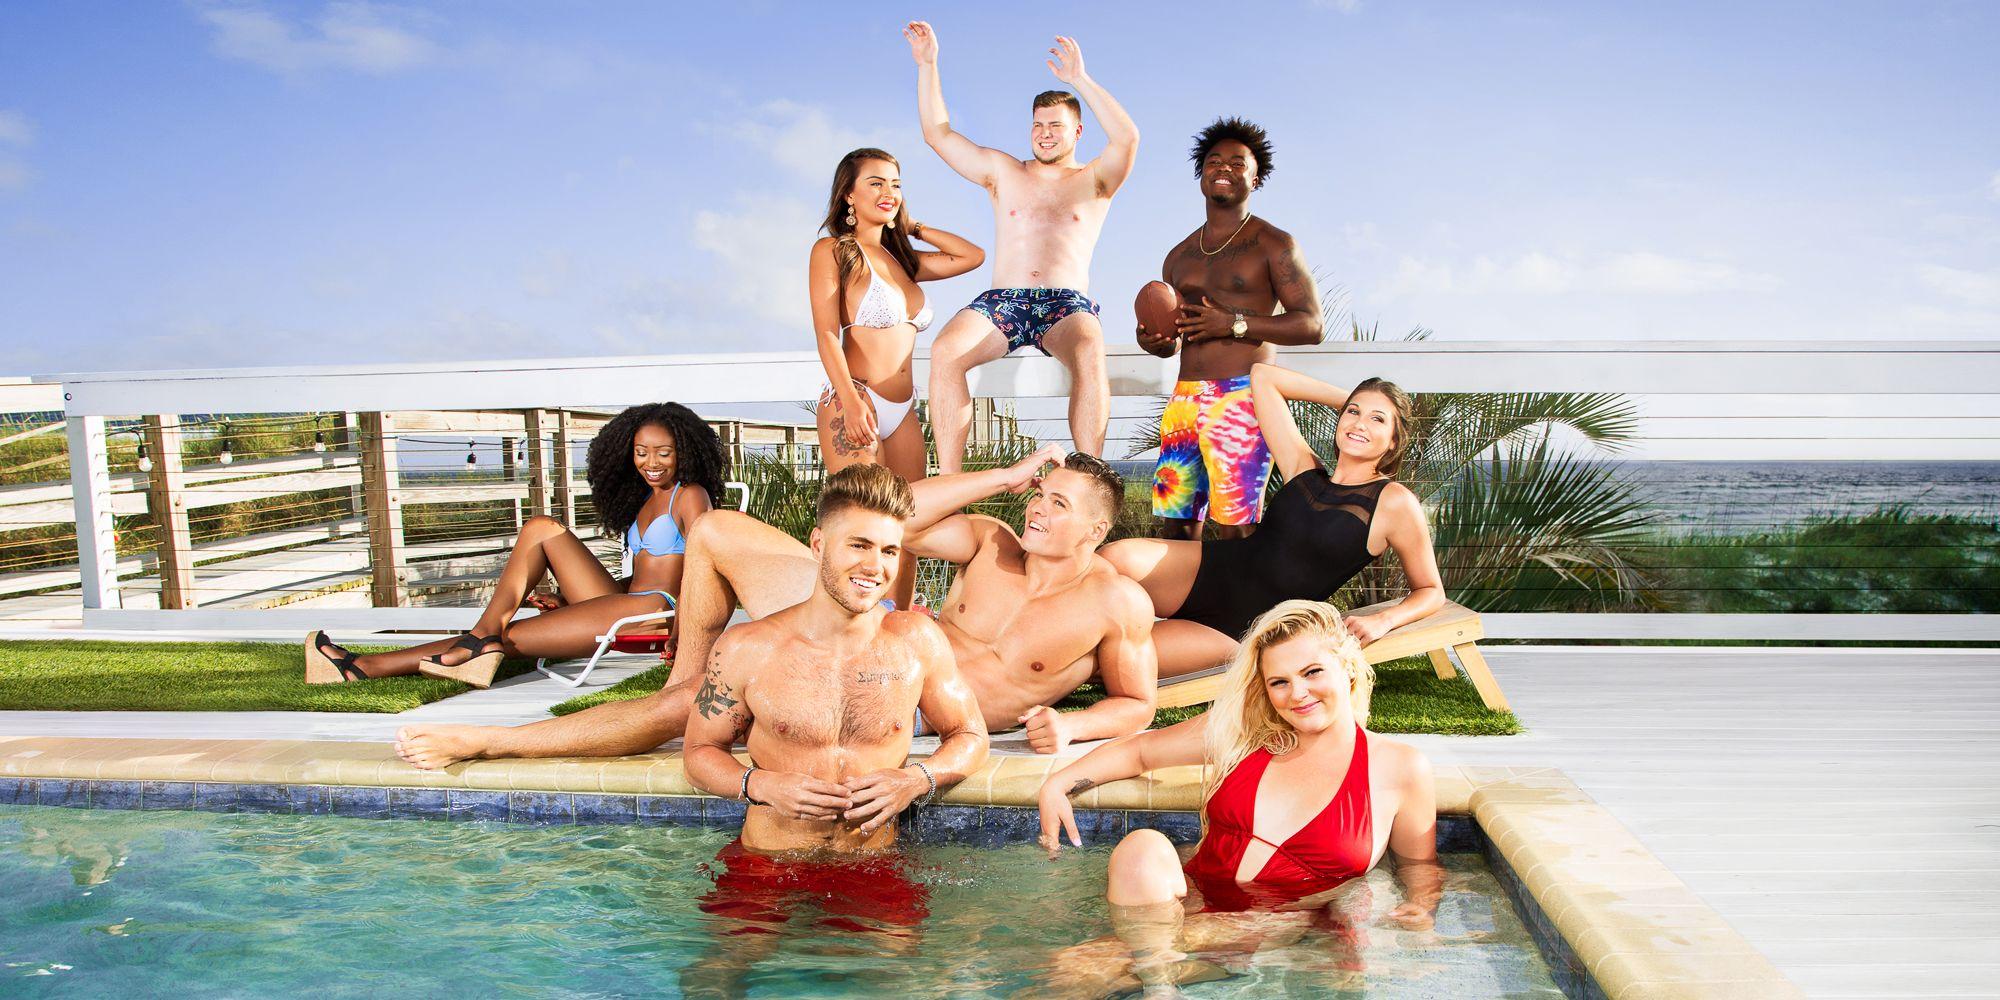 Floribama Shore cast photo